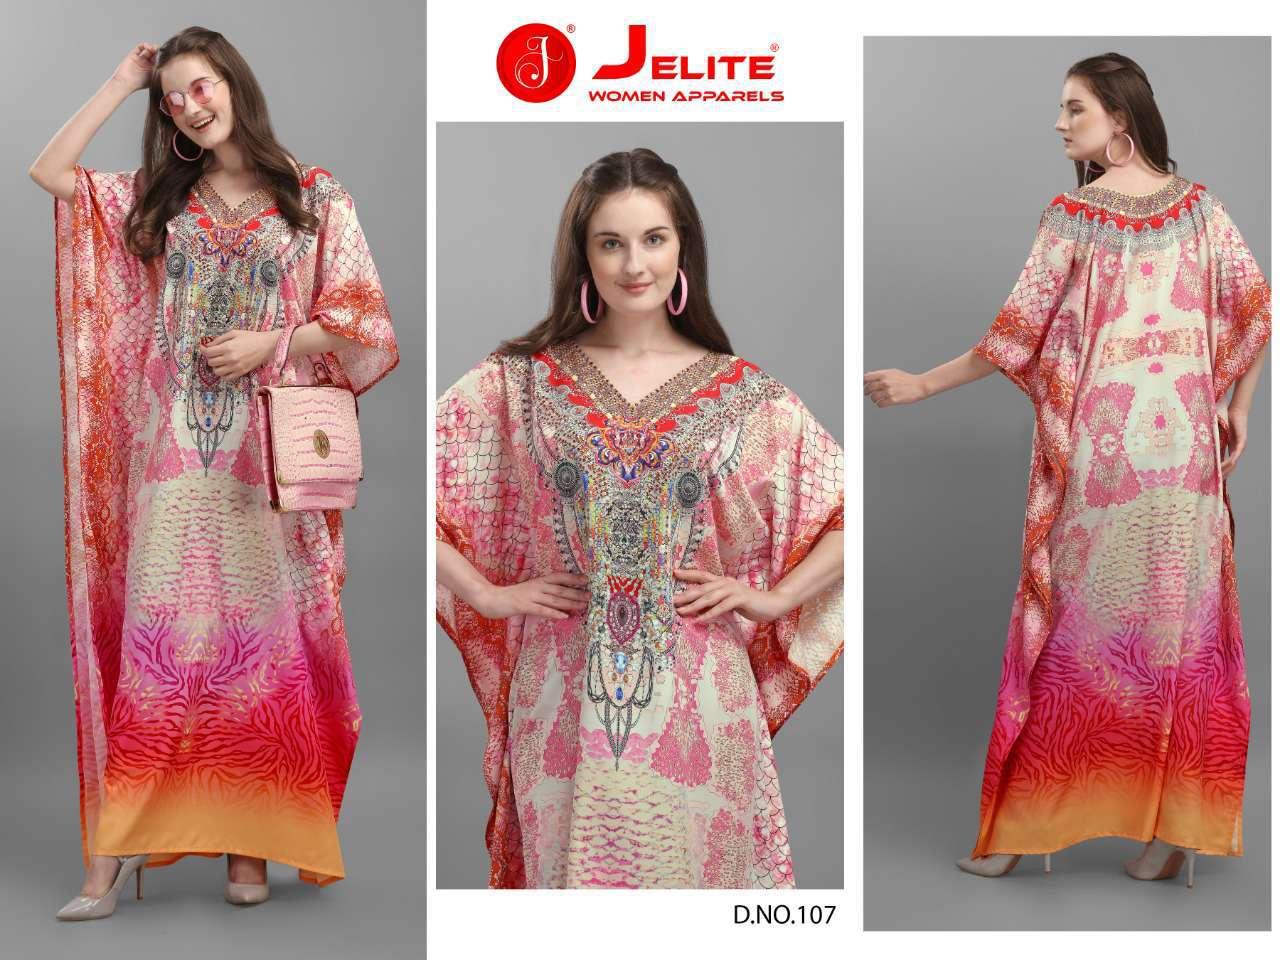 Jelite Afreen Kaftans Kurti Wholesale Catalog 8 Pcs 5 - Jelite Afreen Kaftans Kurti Wholesale Catalog 8 Pcs